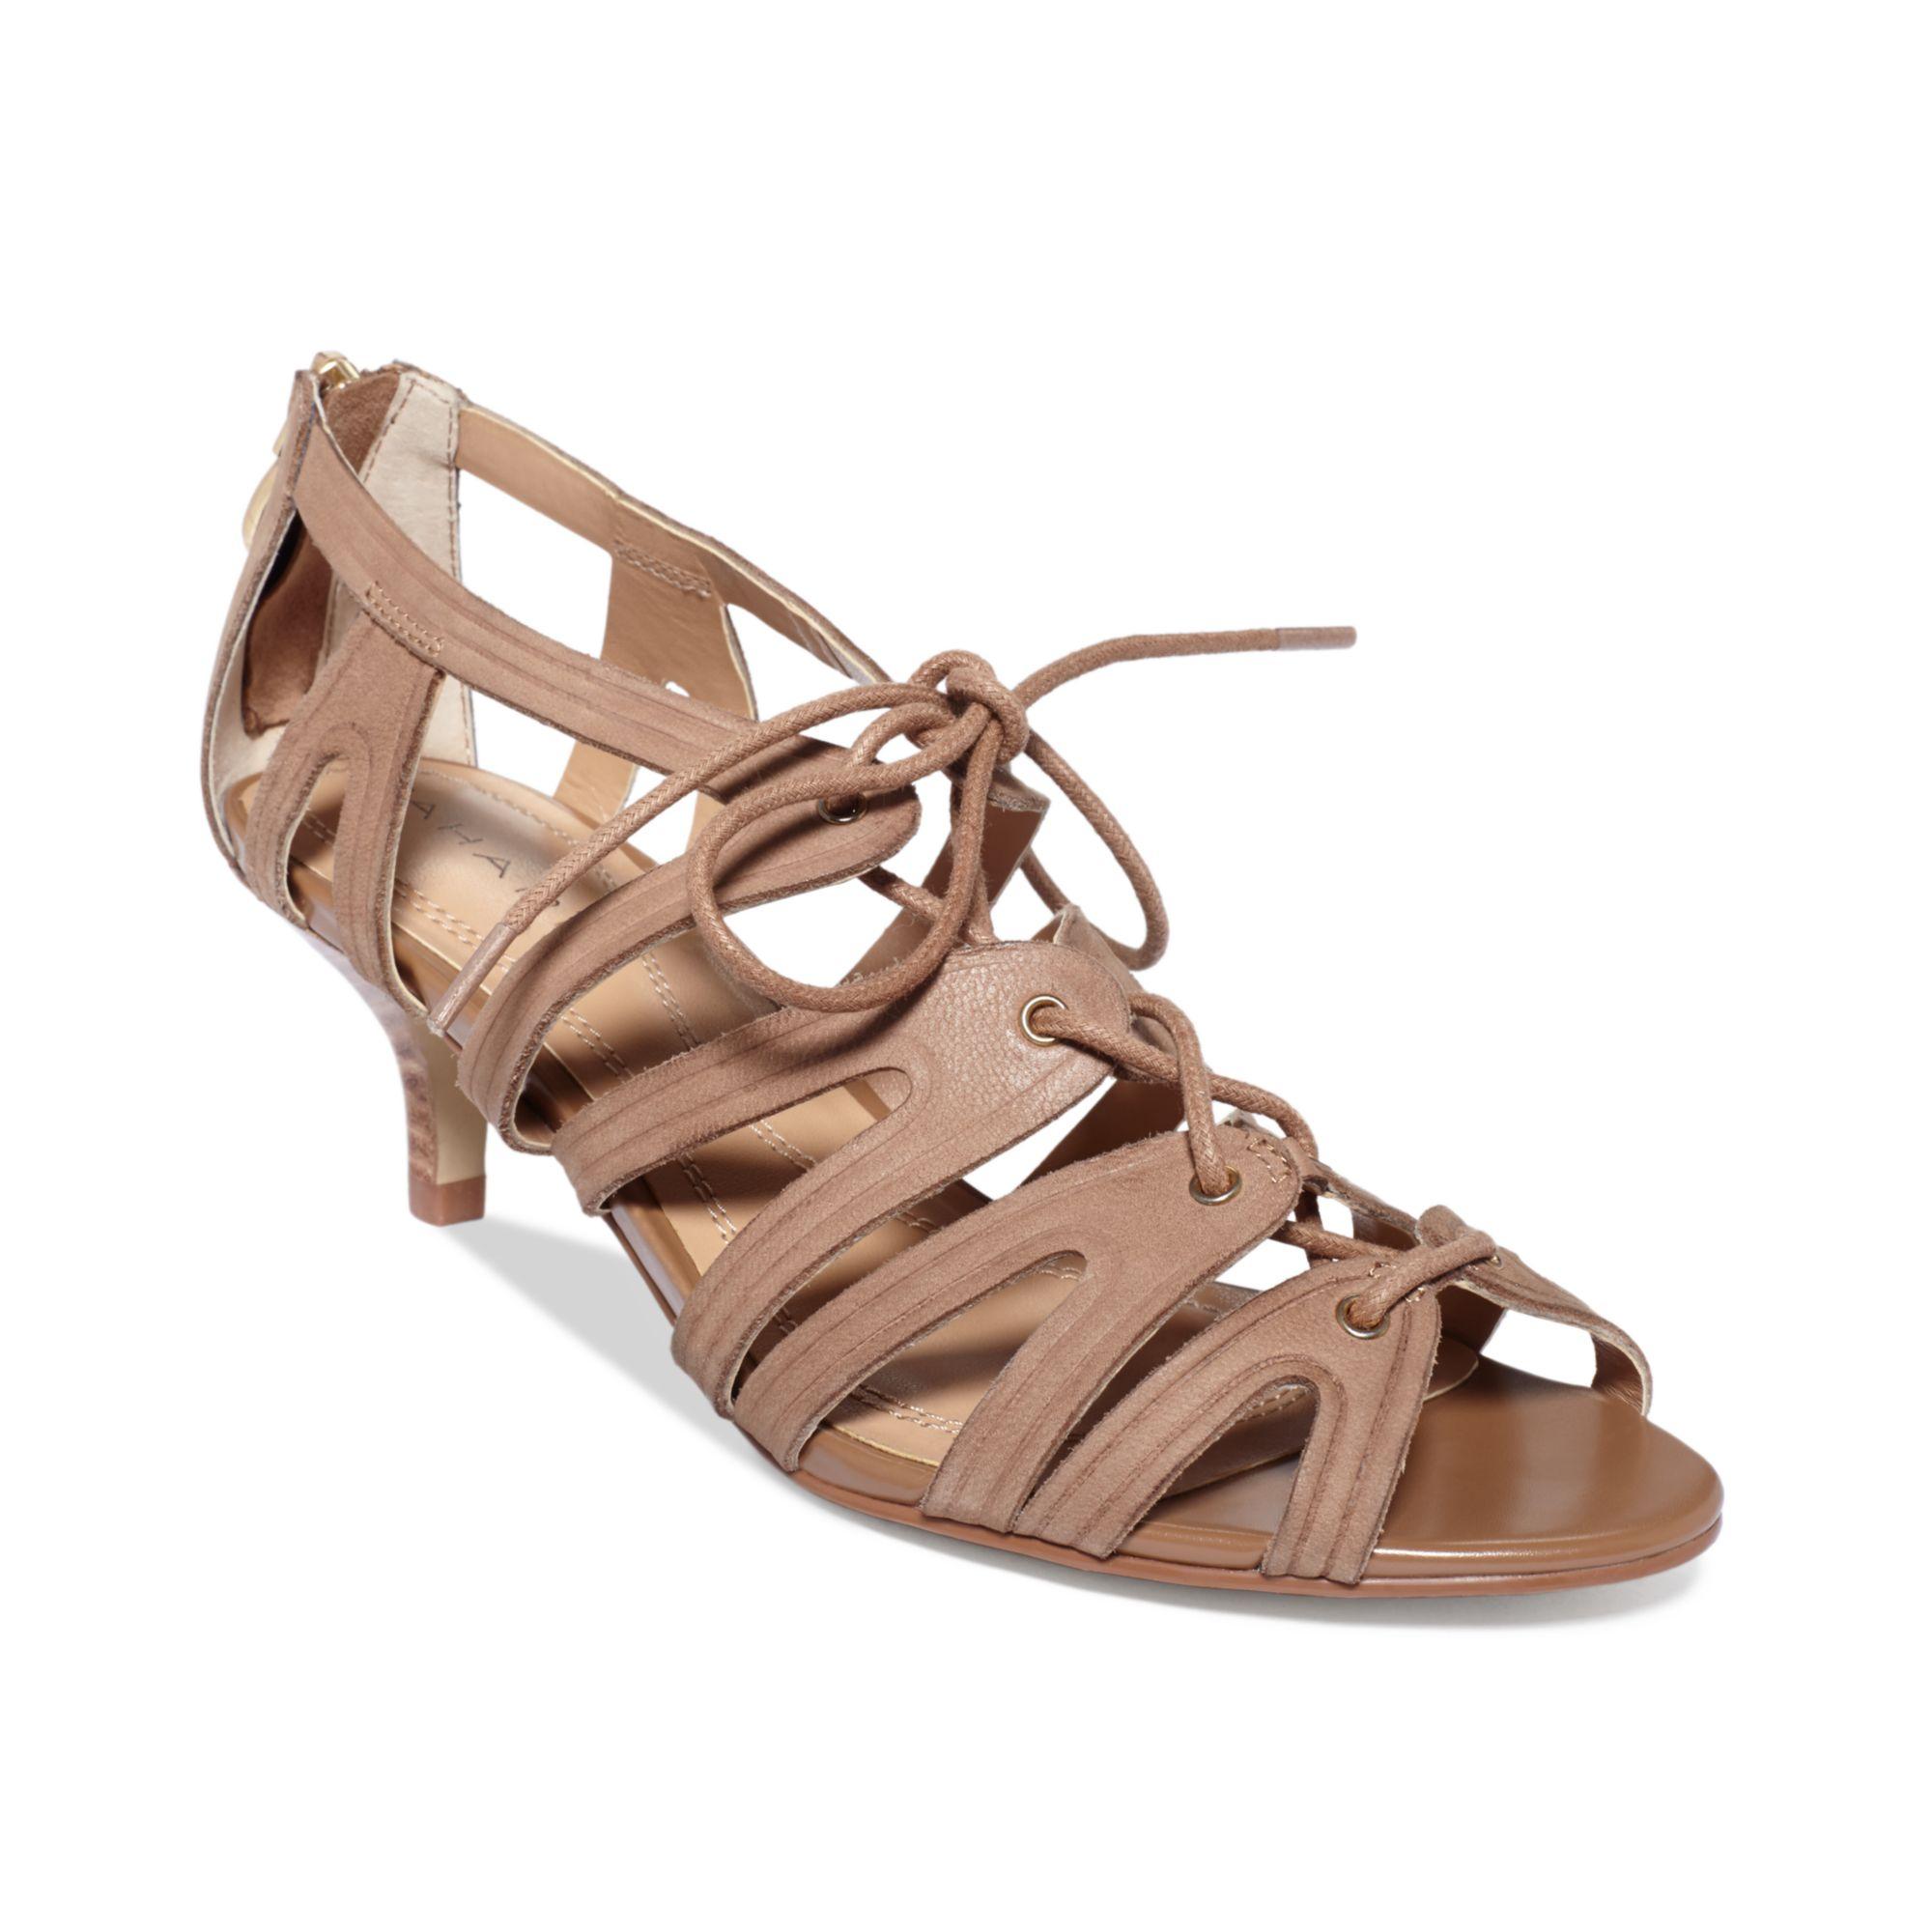 5295dfbe8e Tahari Womens Darra Kitten Heel Sandals in Beige (Pecan) | Lyst